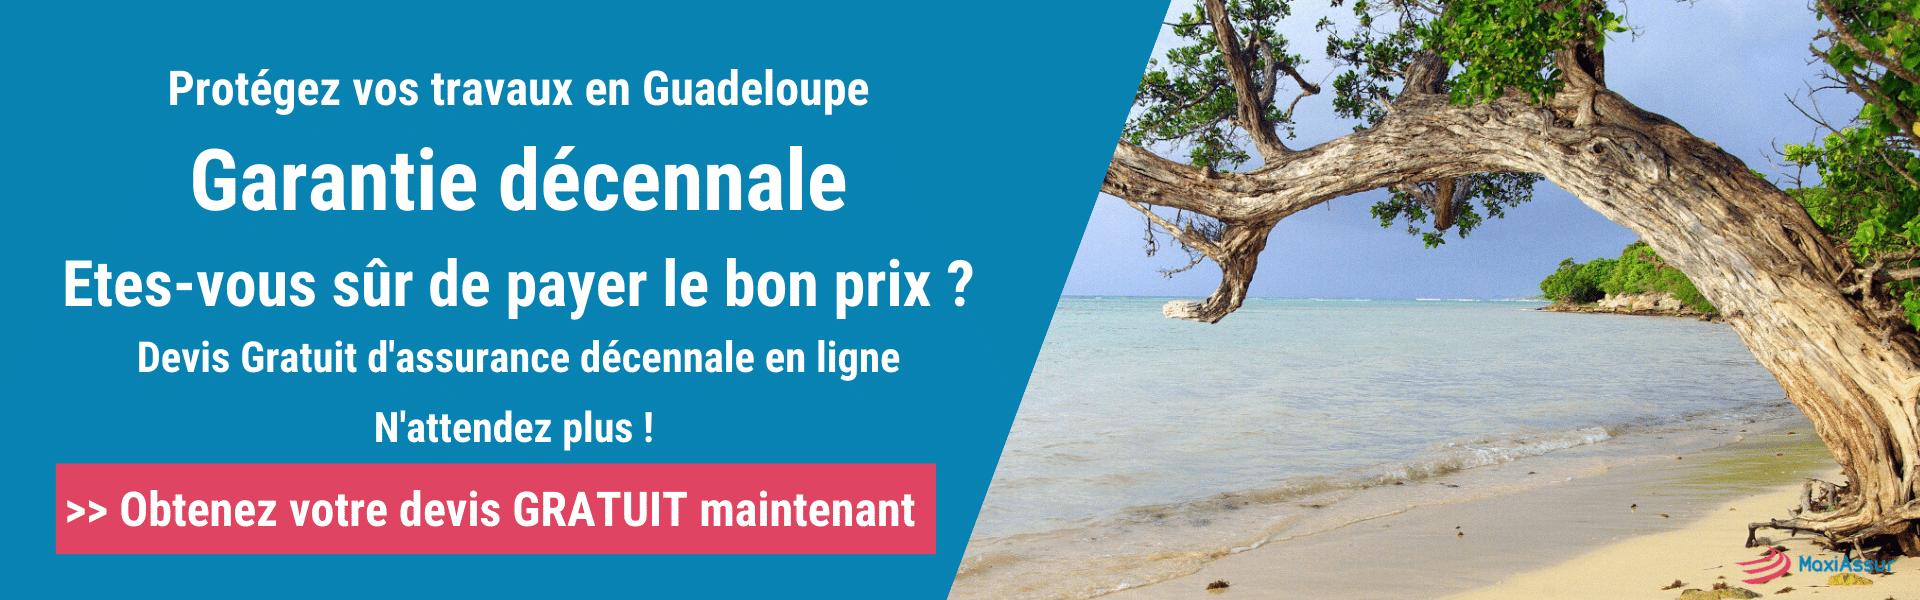 Garantie décennale Guadeloupe